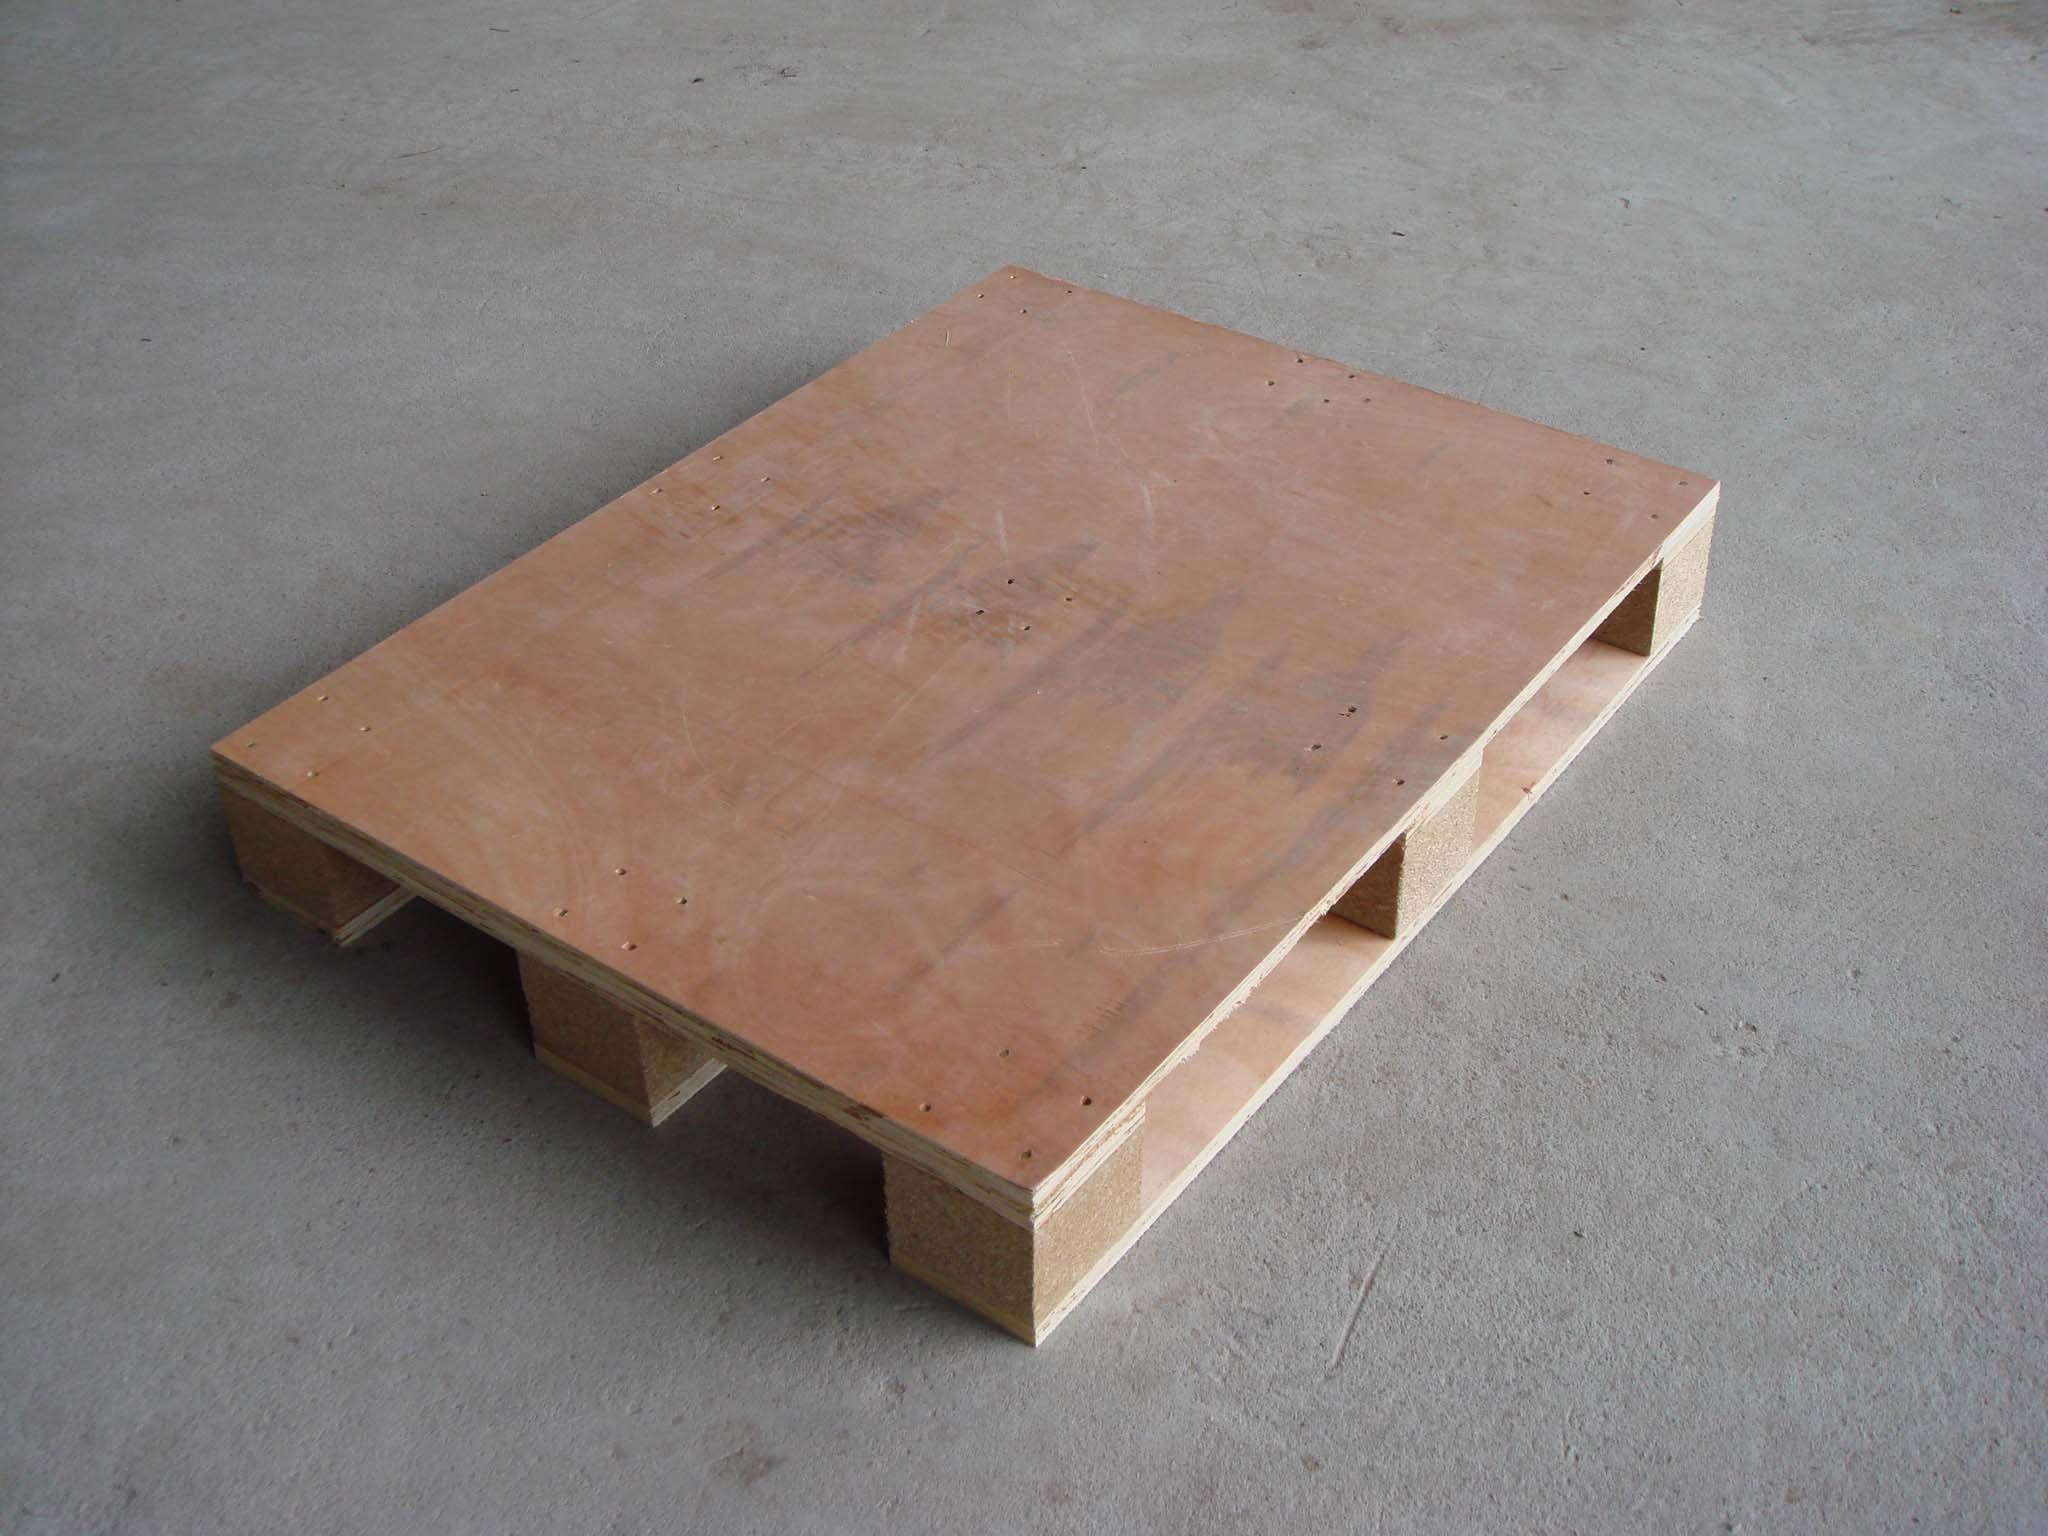 漳州胶合栈板厂-泉州胶合栈板经销商-泉州胶合栈板直销